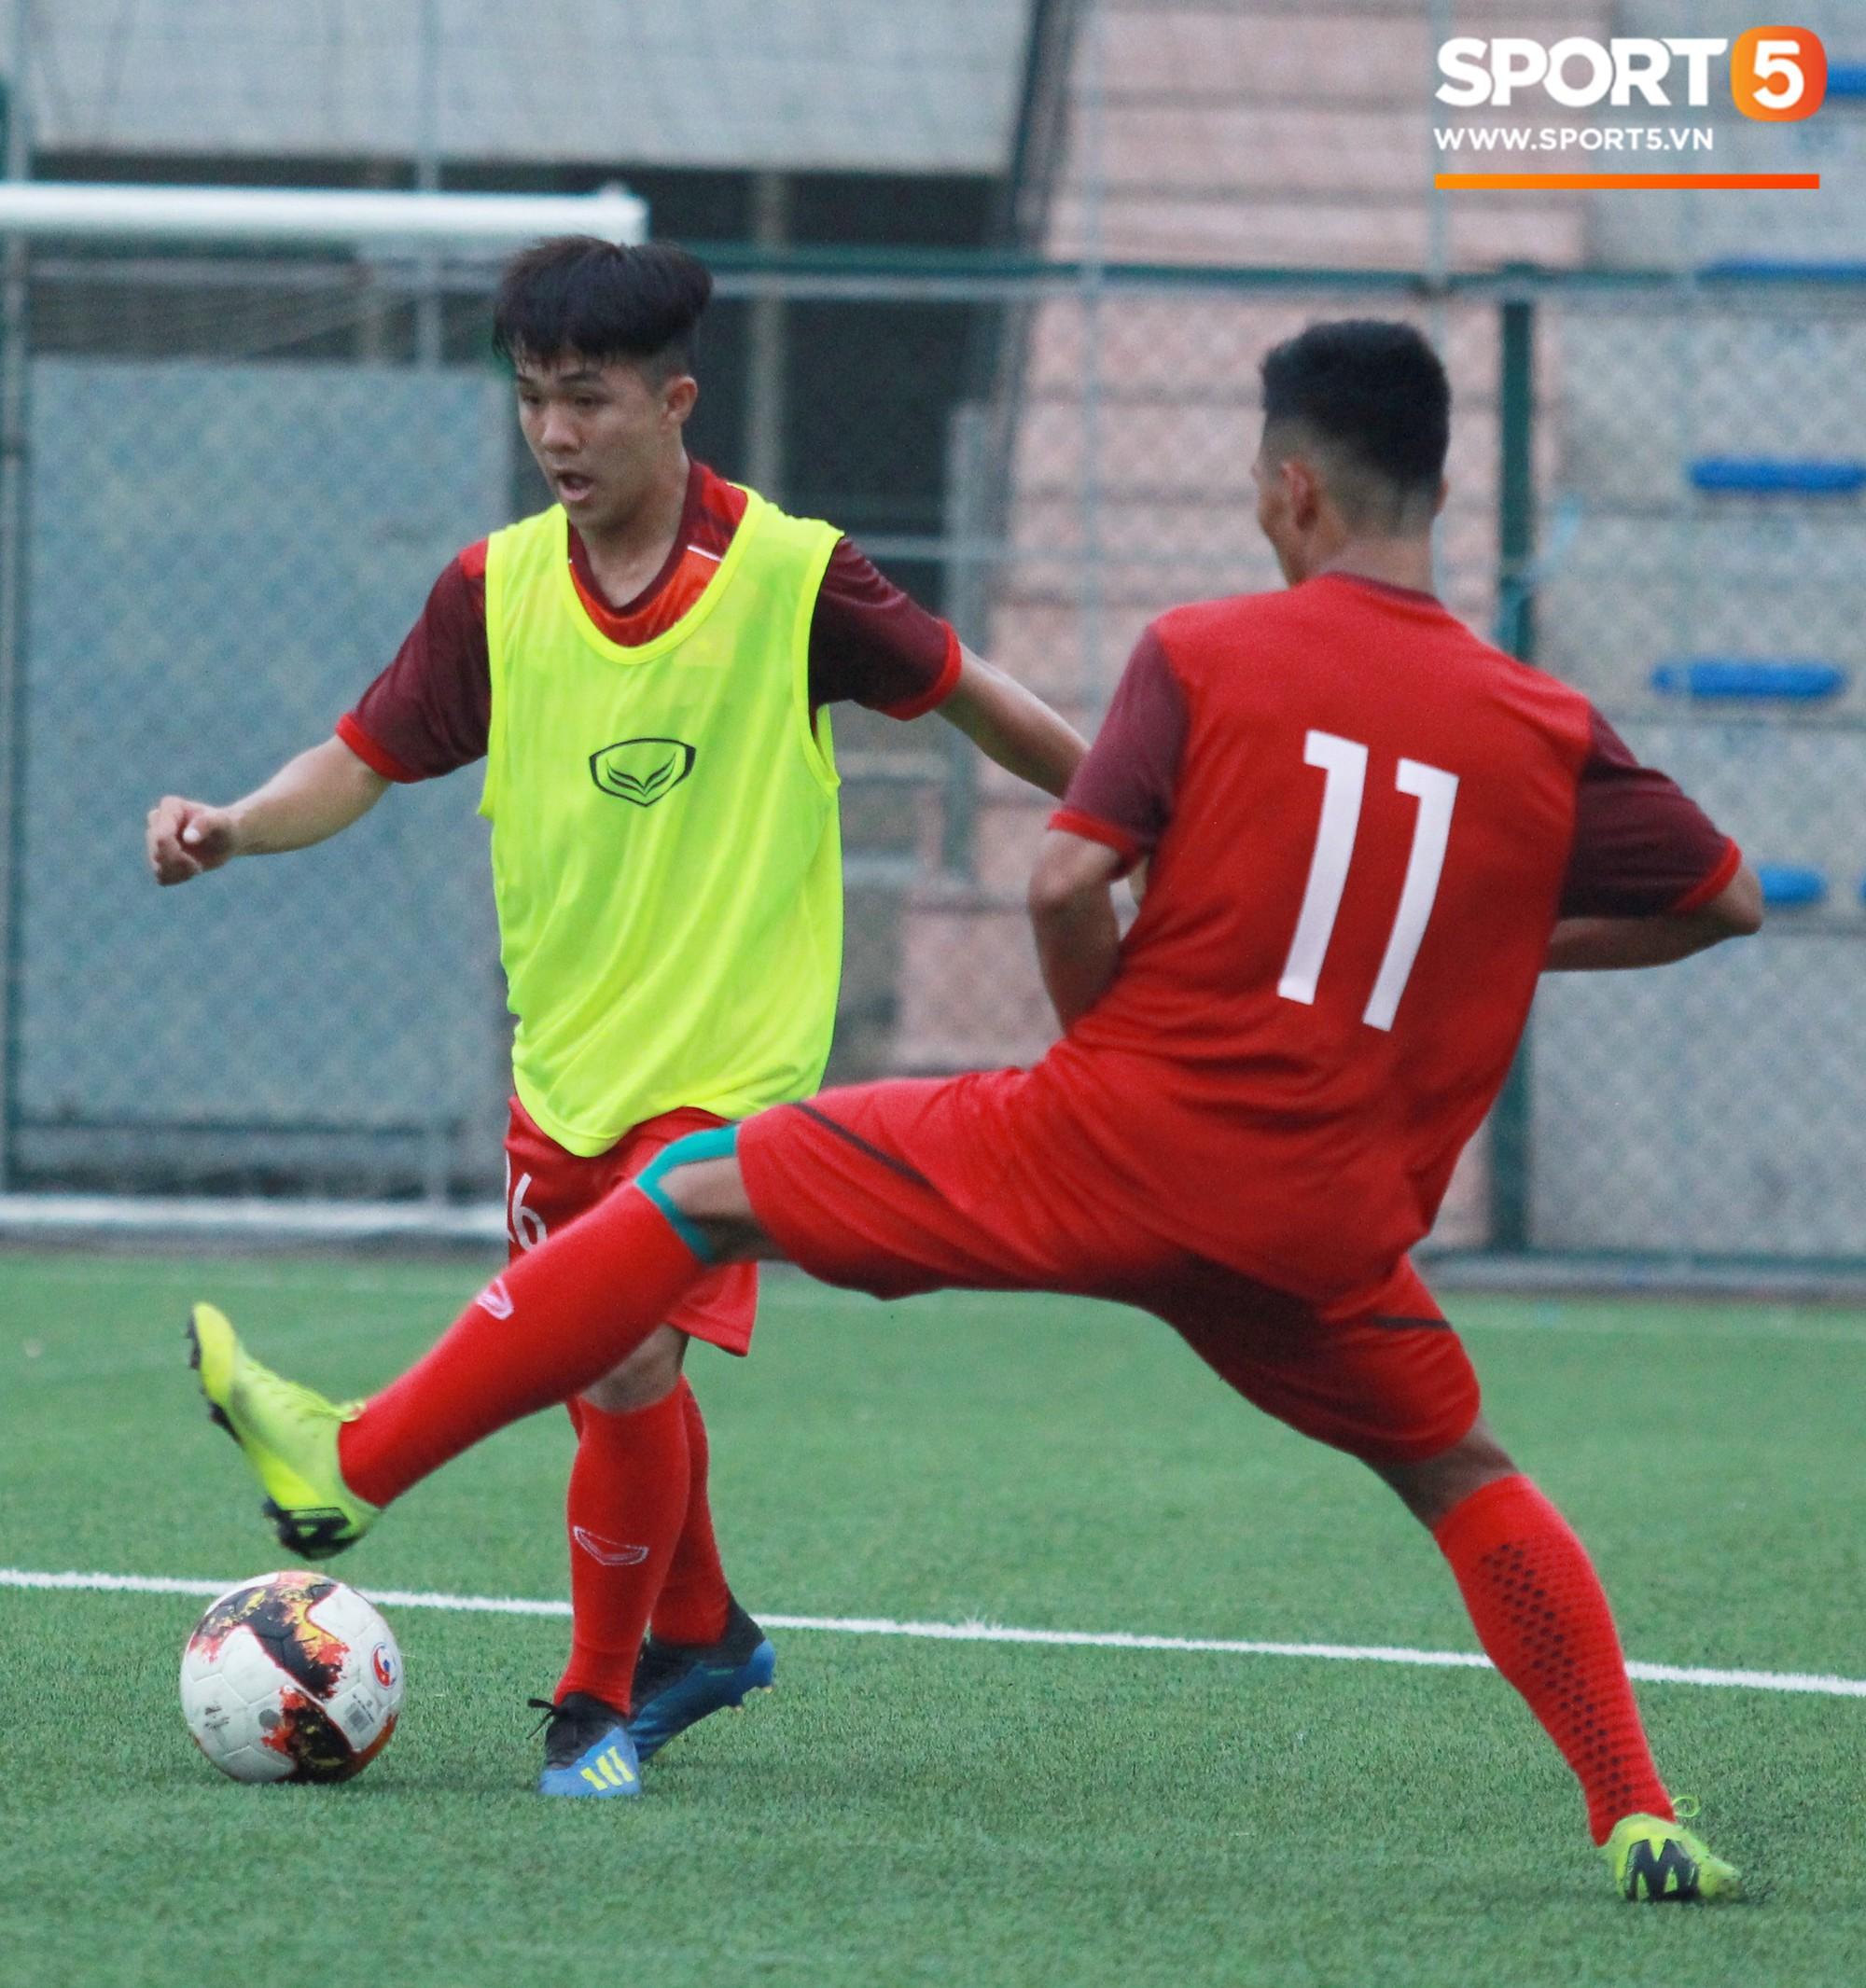 U18 Việt Nam tập luyện máu lửa, chờ ngày ra mắt tại giải tứ hùng ở Trung Quốc - Ảnh 9.